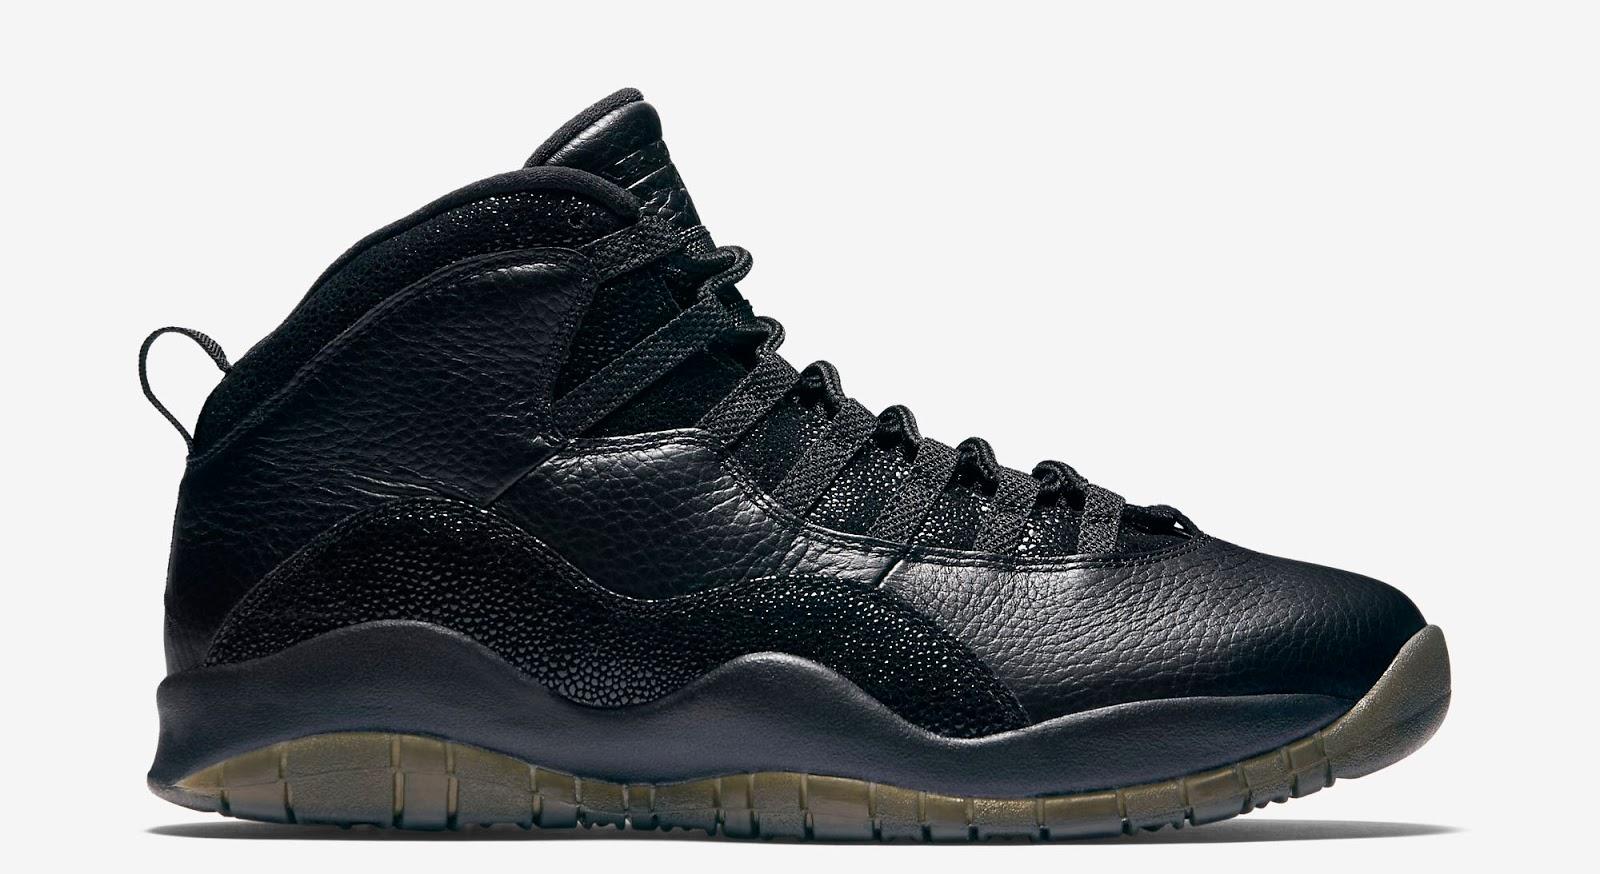 84f3f83d836e 02 13 2016 Nike LeBron 13 Limited